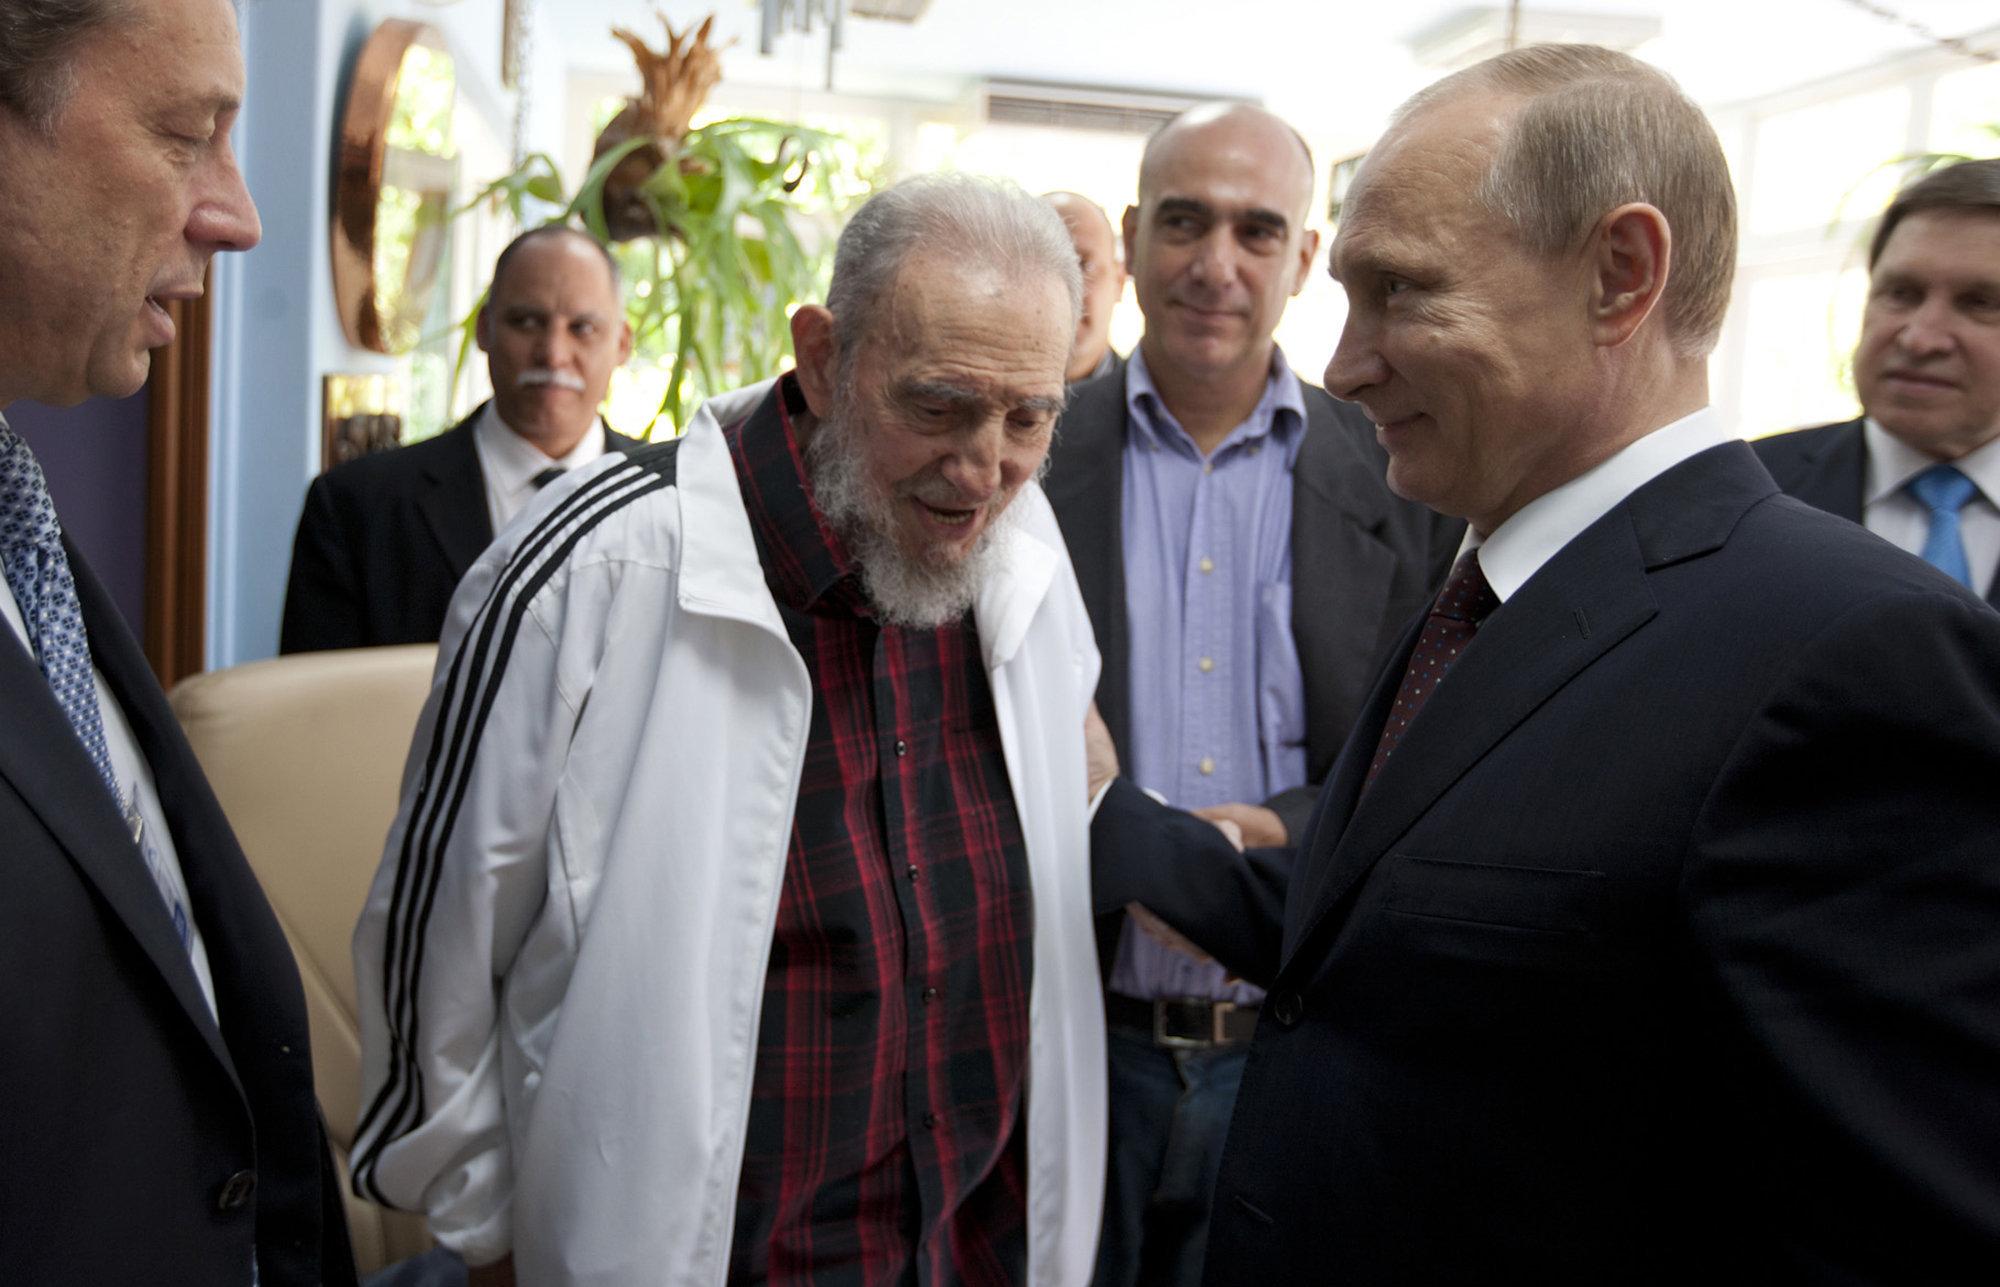 Fidel Castro, no centro, com o presidente da Rússia, Vladimir Putin, em Havana, Cuba. Foto de 11 de julho de 2014.